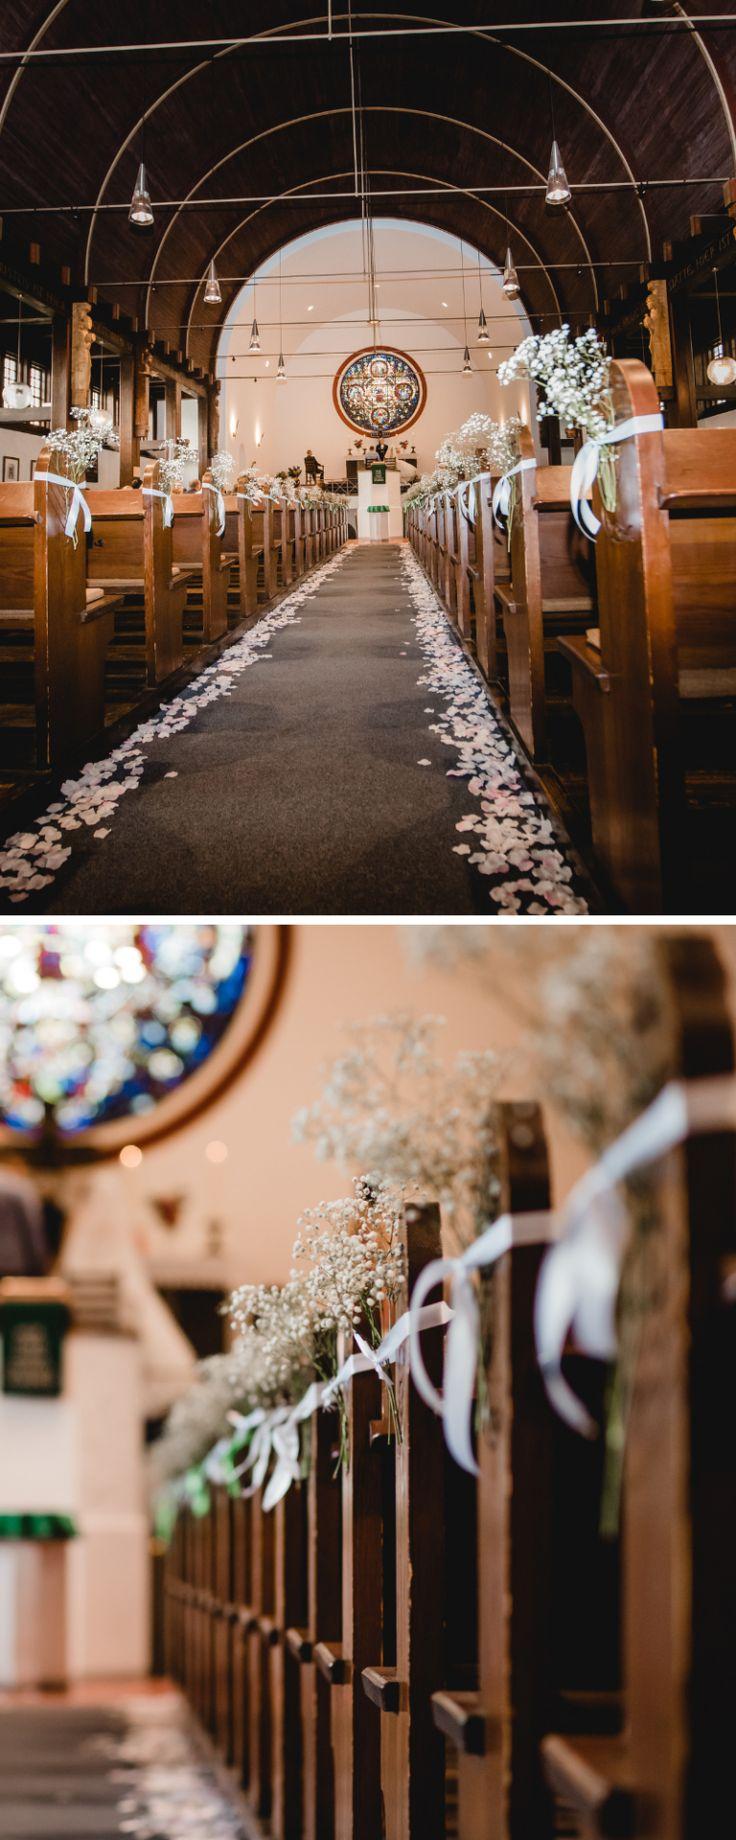 Hochzeitsdeko Kirche: 35 einfache u. geschmackvolle Kirchendeko-Ideen  – In Weiß